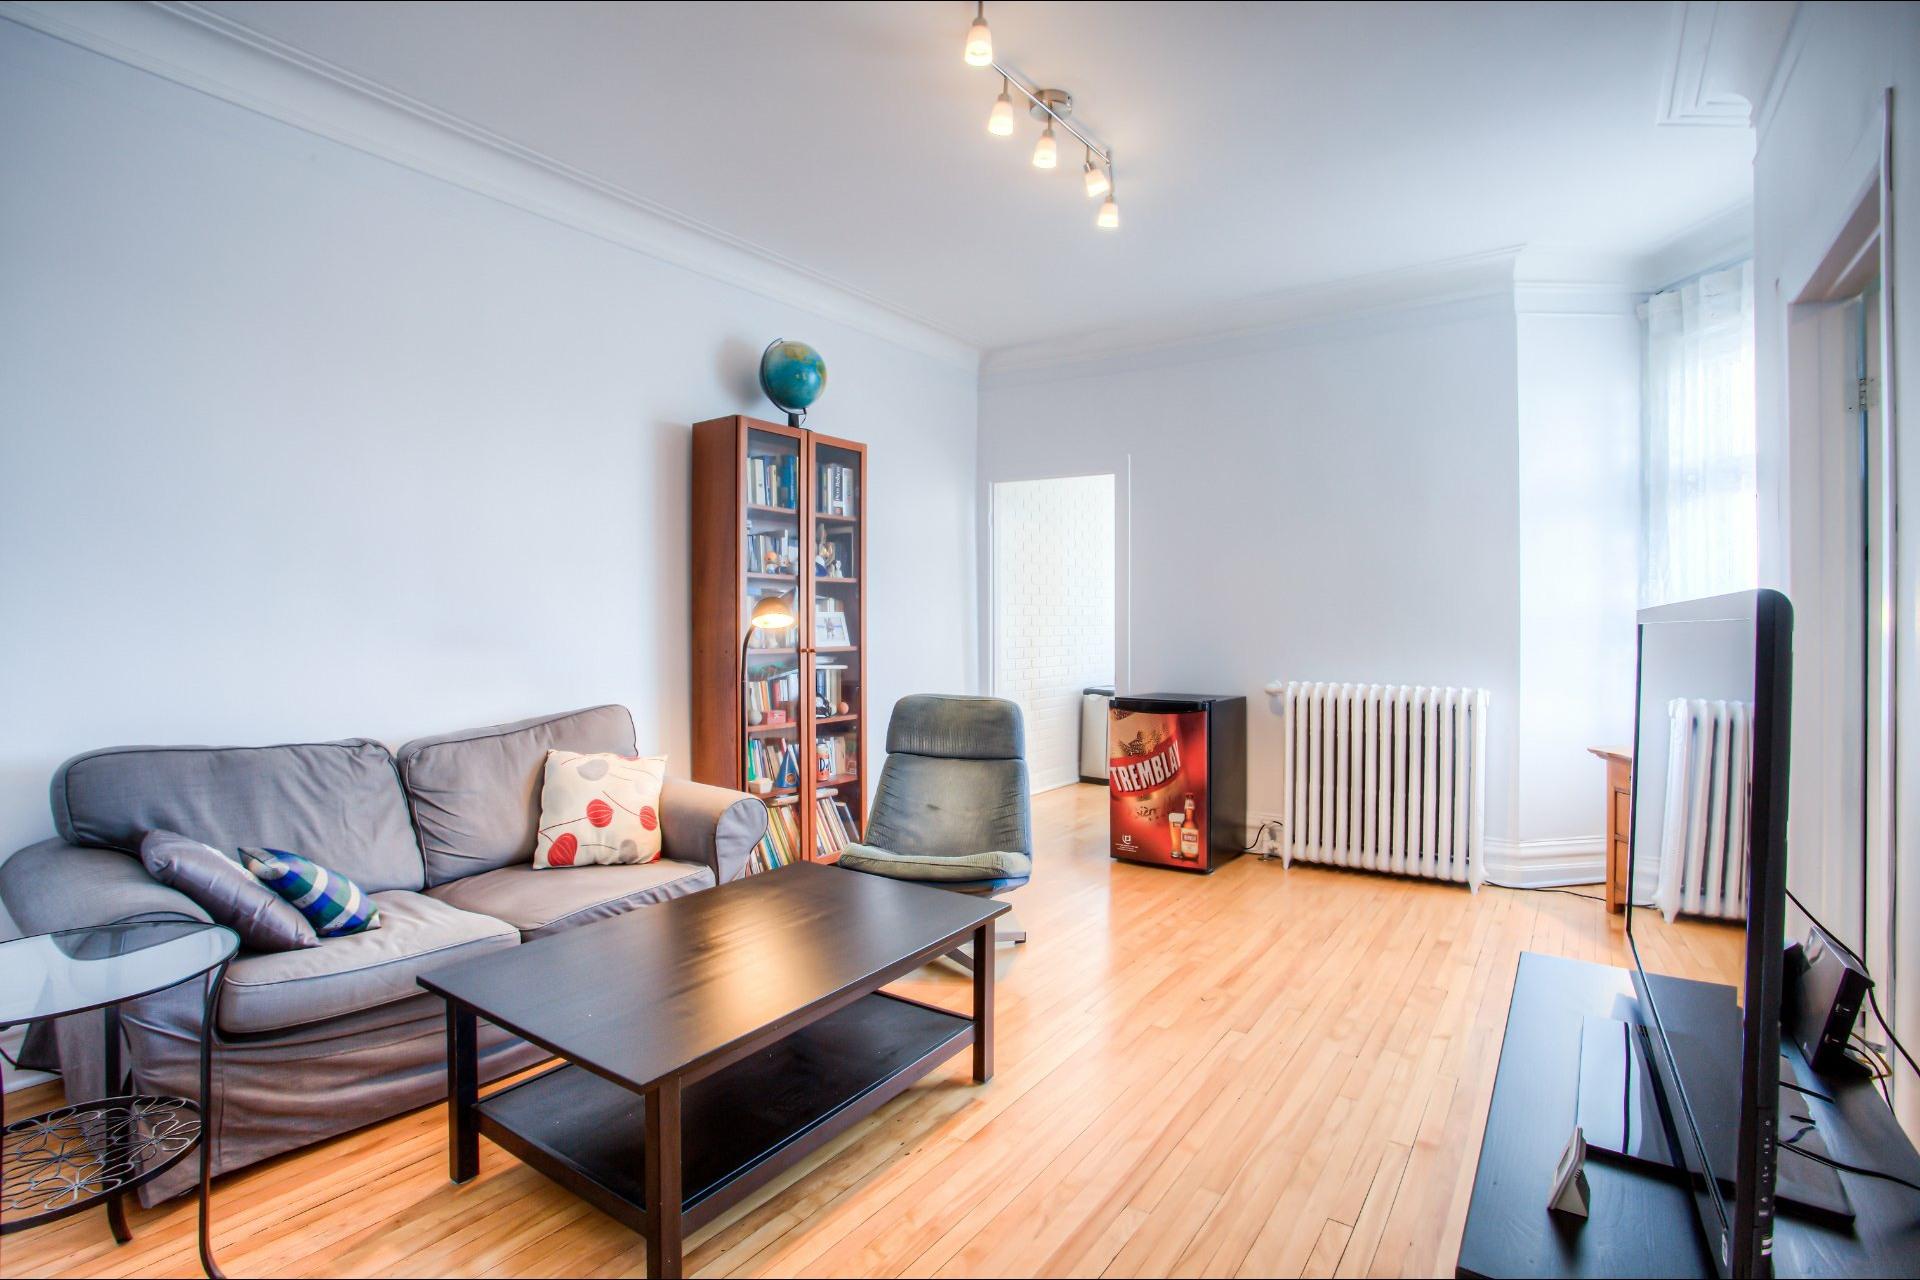 image 7 - Appartement À vendre Rosemont/La Petite-Patrie Montréal  - 8 pièces